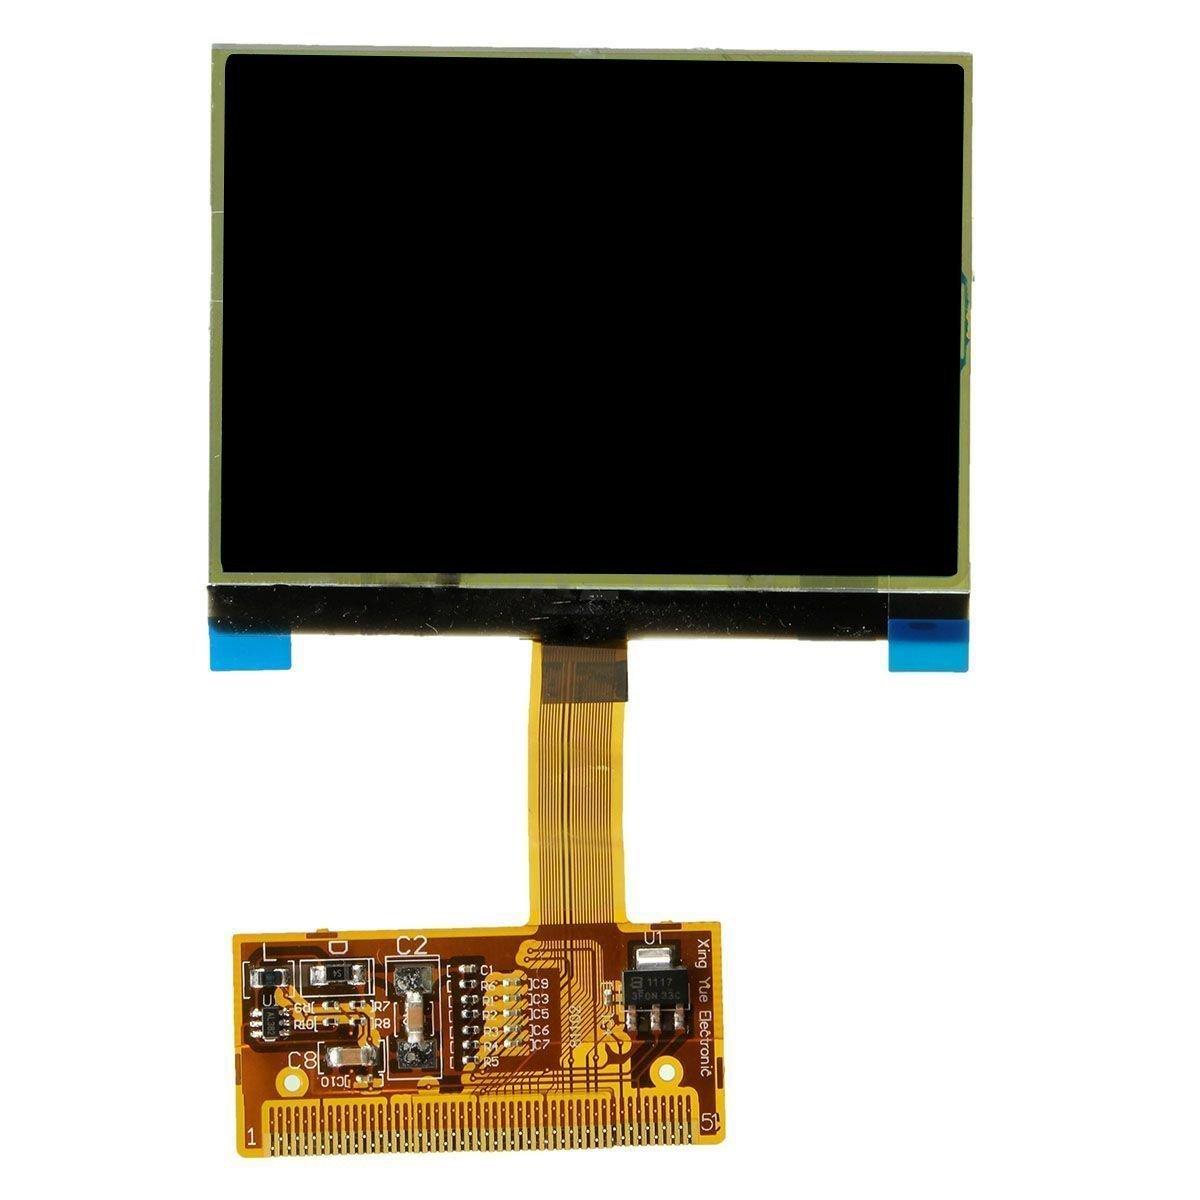 ecran d'affichage LCD - TOOGOO(R) Instrument Grappe Verre tachymetre ecran d'affichage LCD pour AUDI TT A6 JAEGER 062224